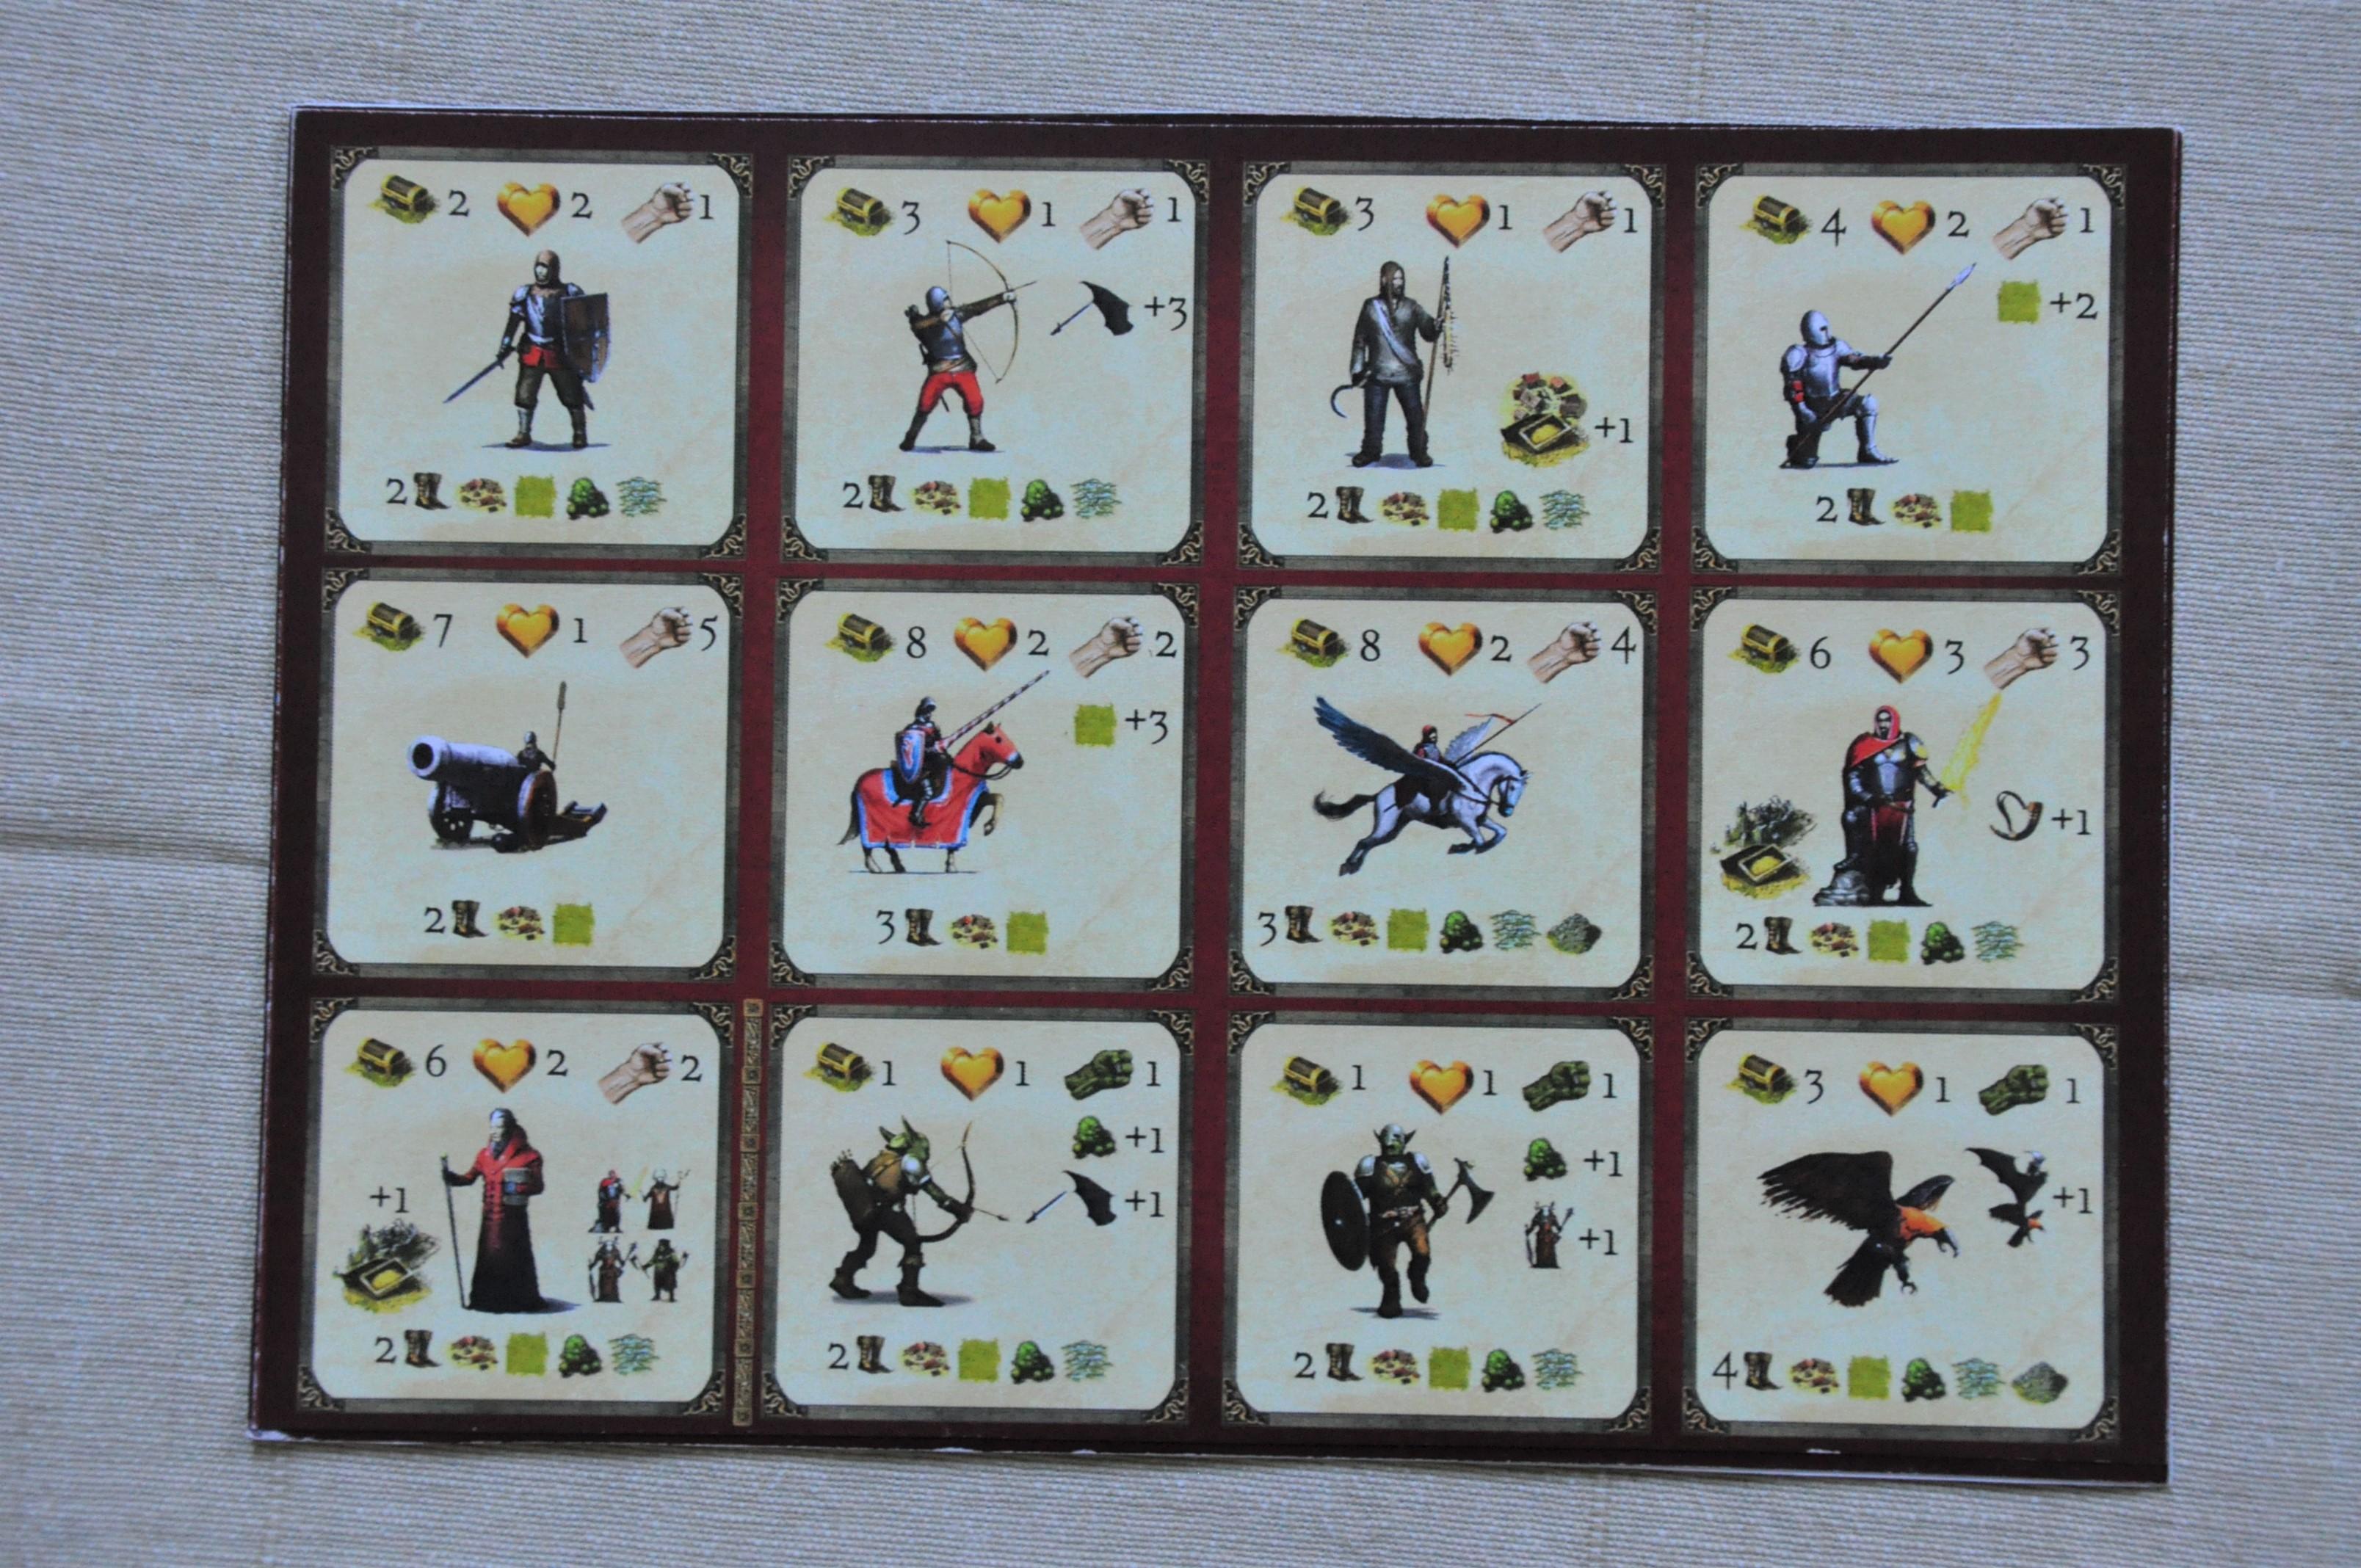 Karta pomocy gracza zestatystykami jednostek